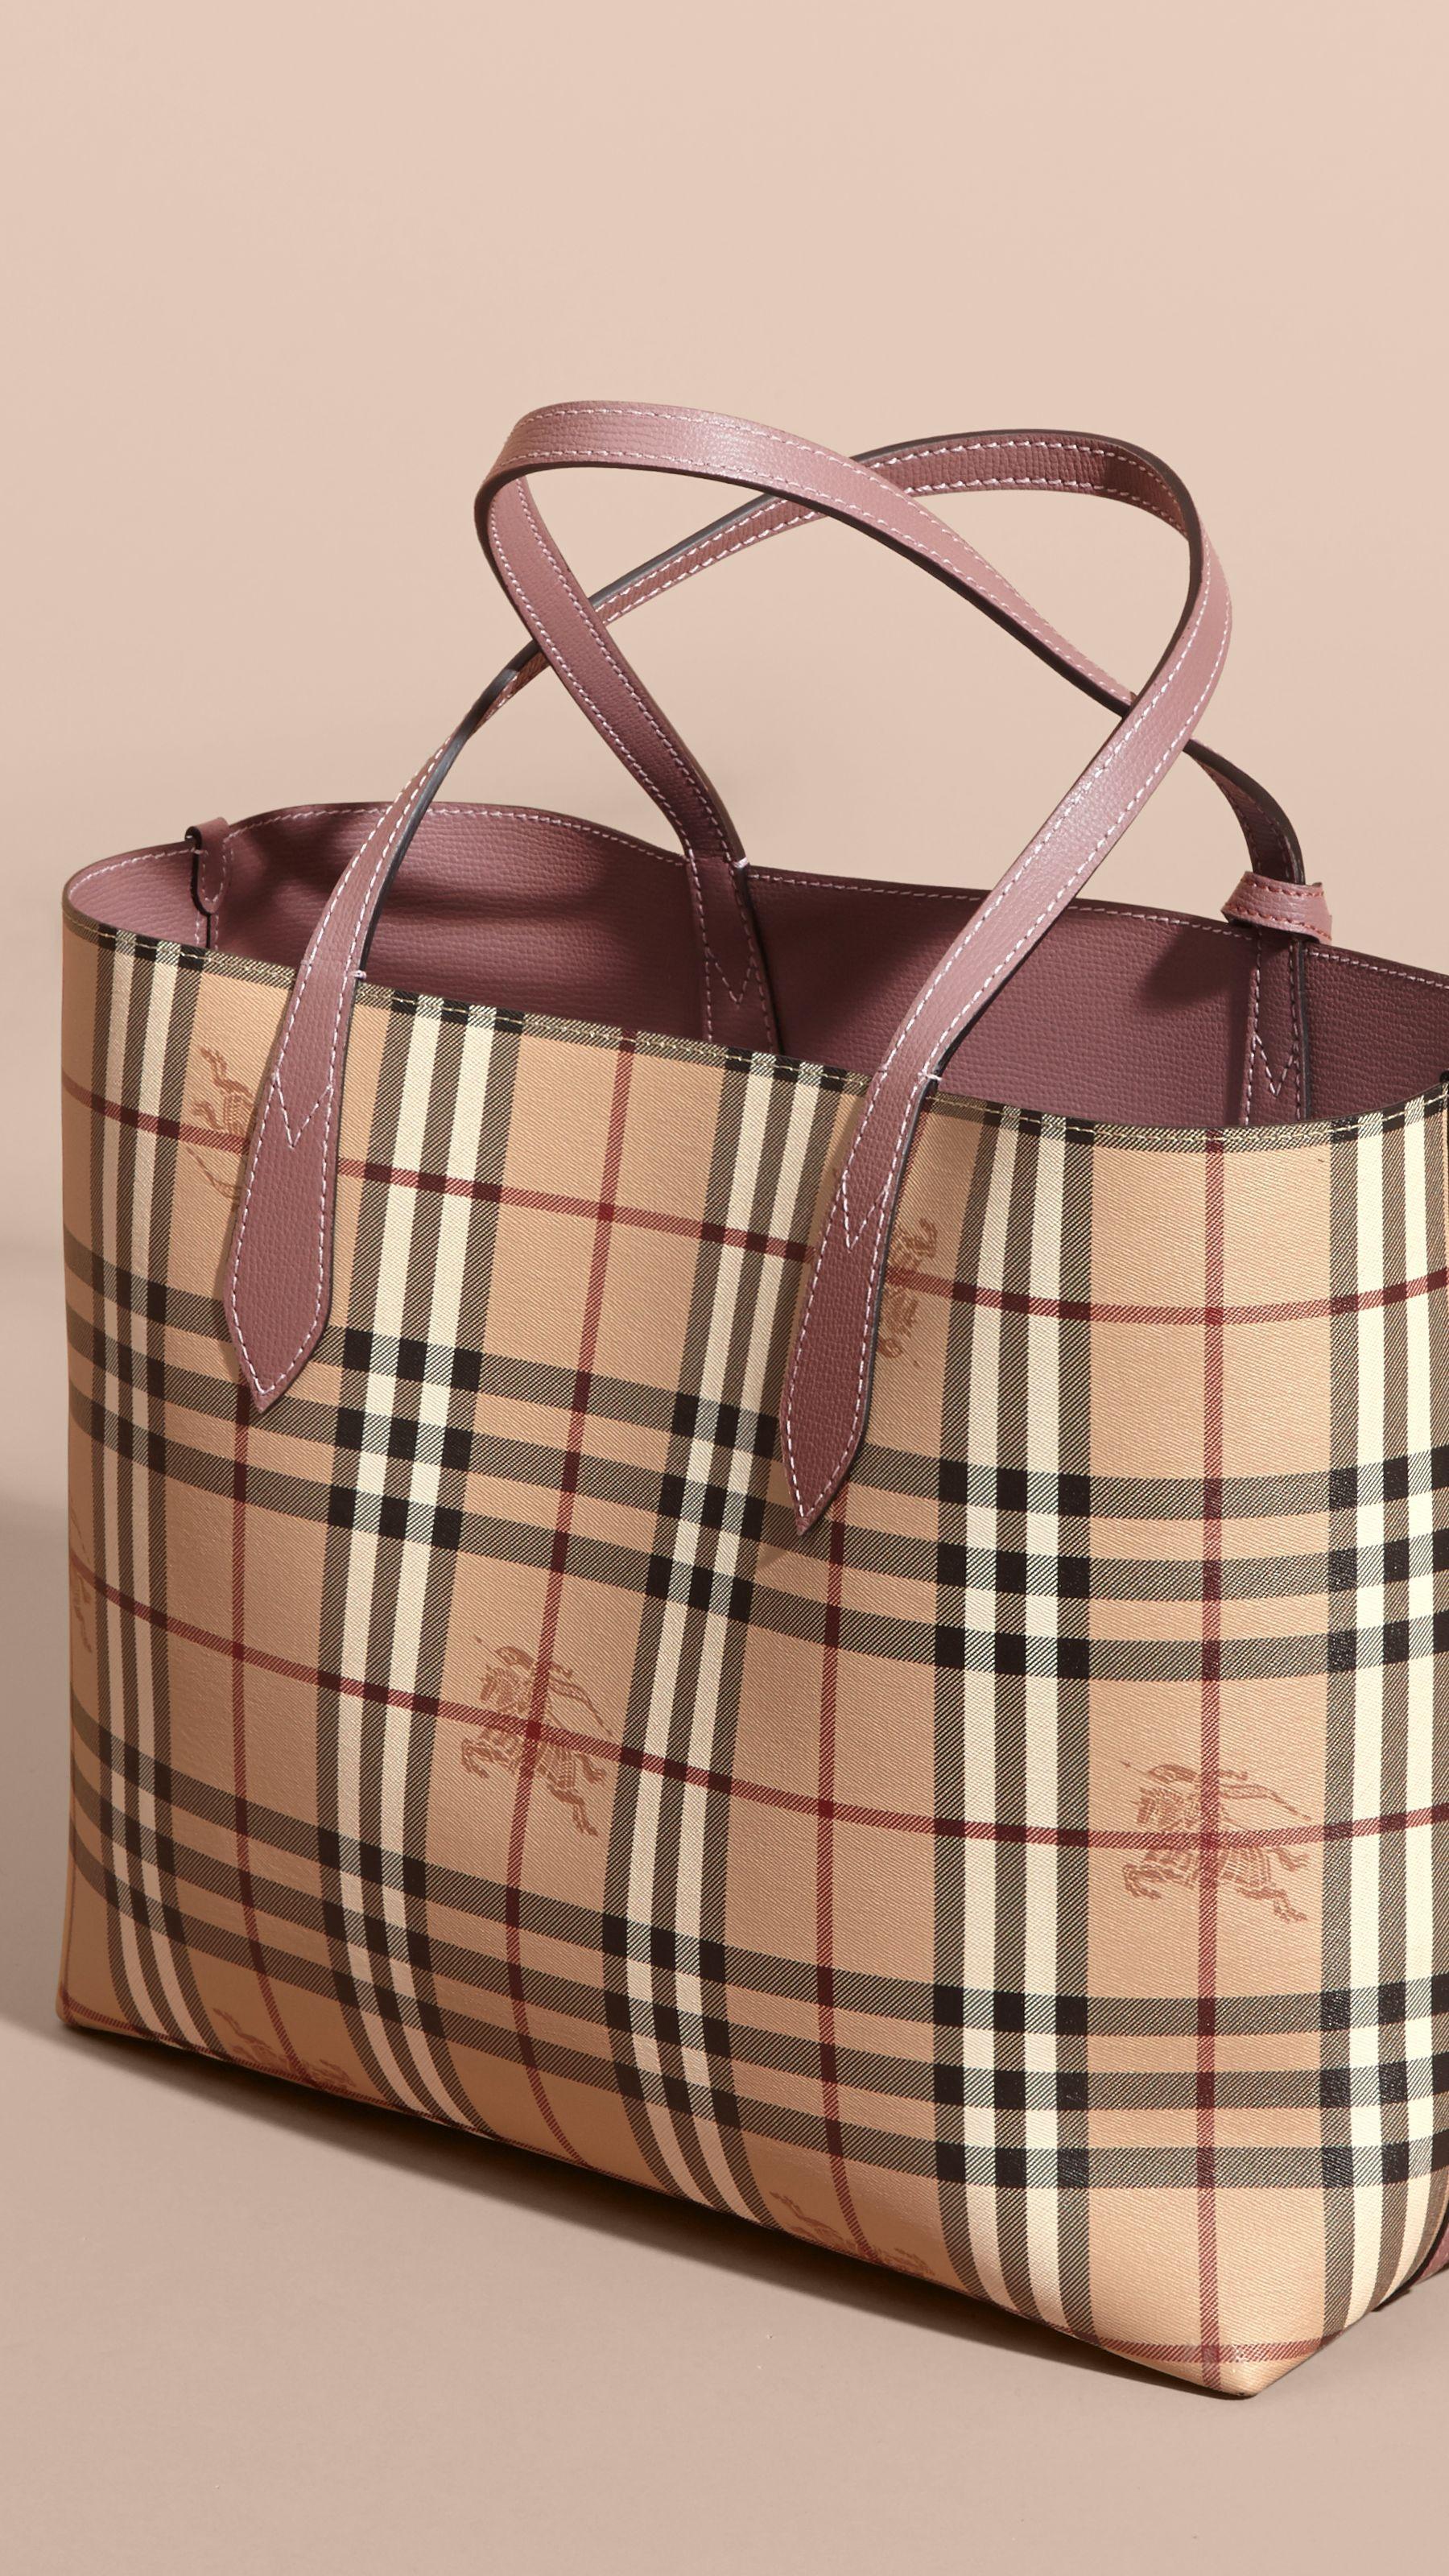 e7d5b3f3ac La borsa tote double face media con motivo Haymarket check e pelle (Sambuco  Chiaro) - Donna | Burberry Stati Uniti d'America